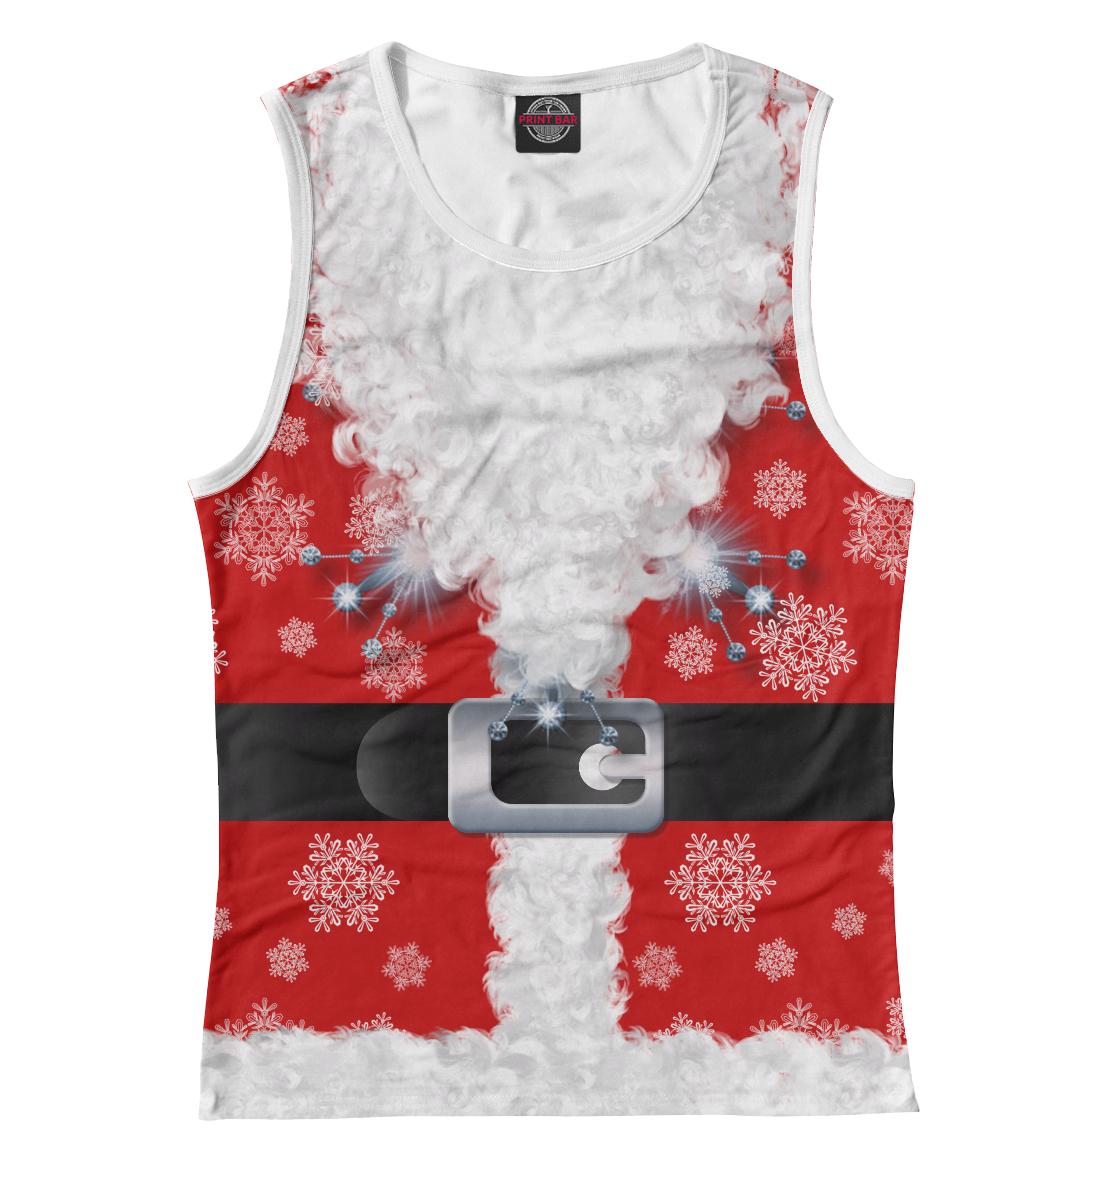 Купить Дед мороз, Printbar, Майки, CST-773312-may-1